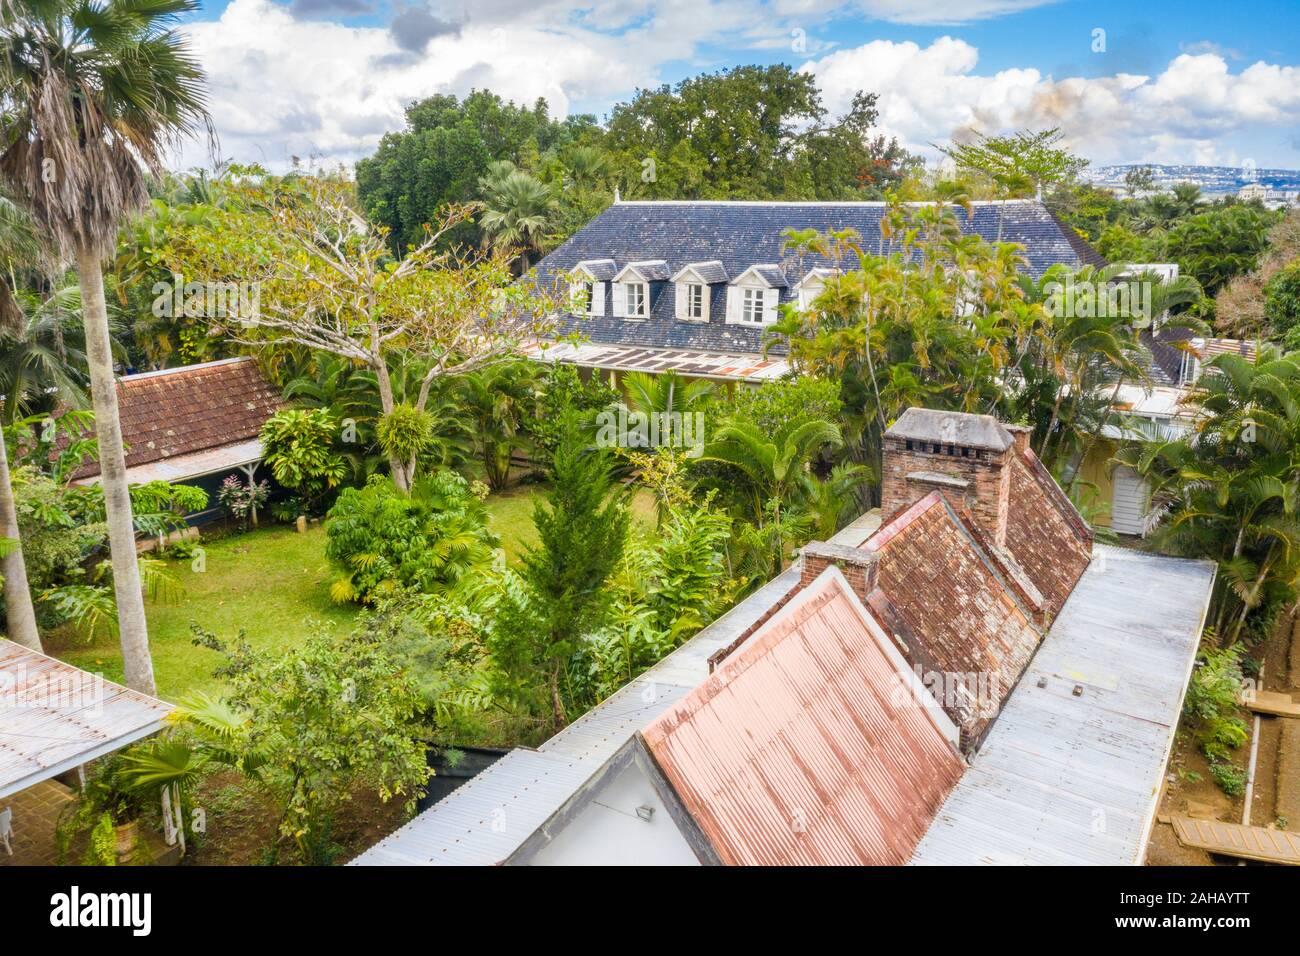 La Maison Eureka maison créole et jardins, vue aérienne, moka, Montagne Ory, de l'Océan Indien, l'Ile Maurice Banque D'Images